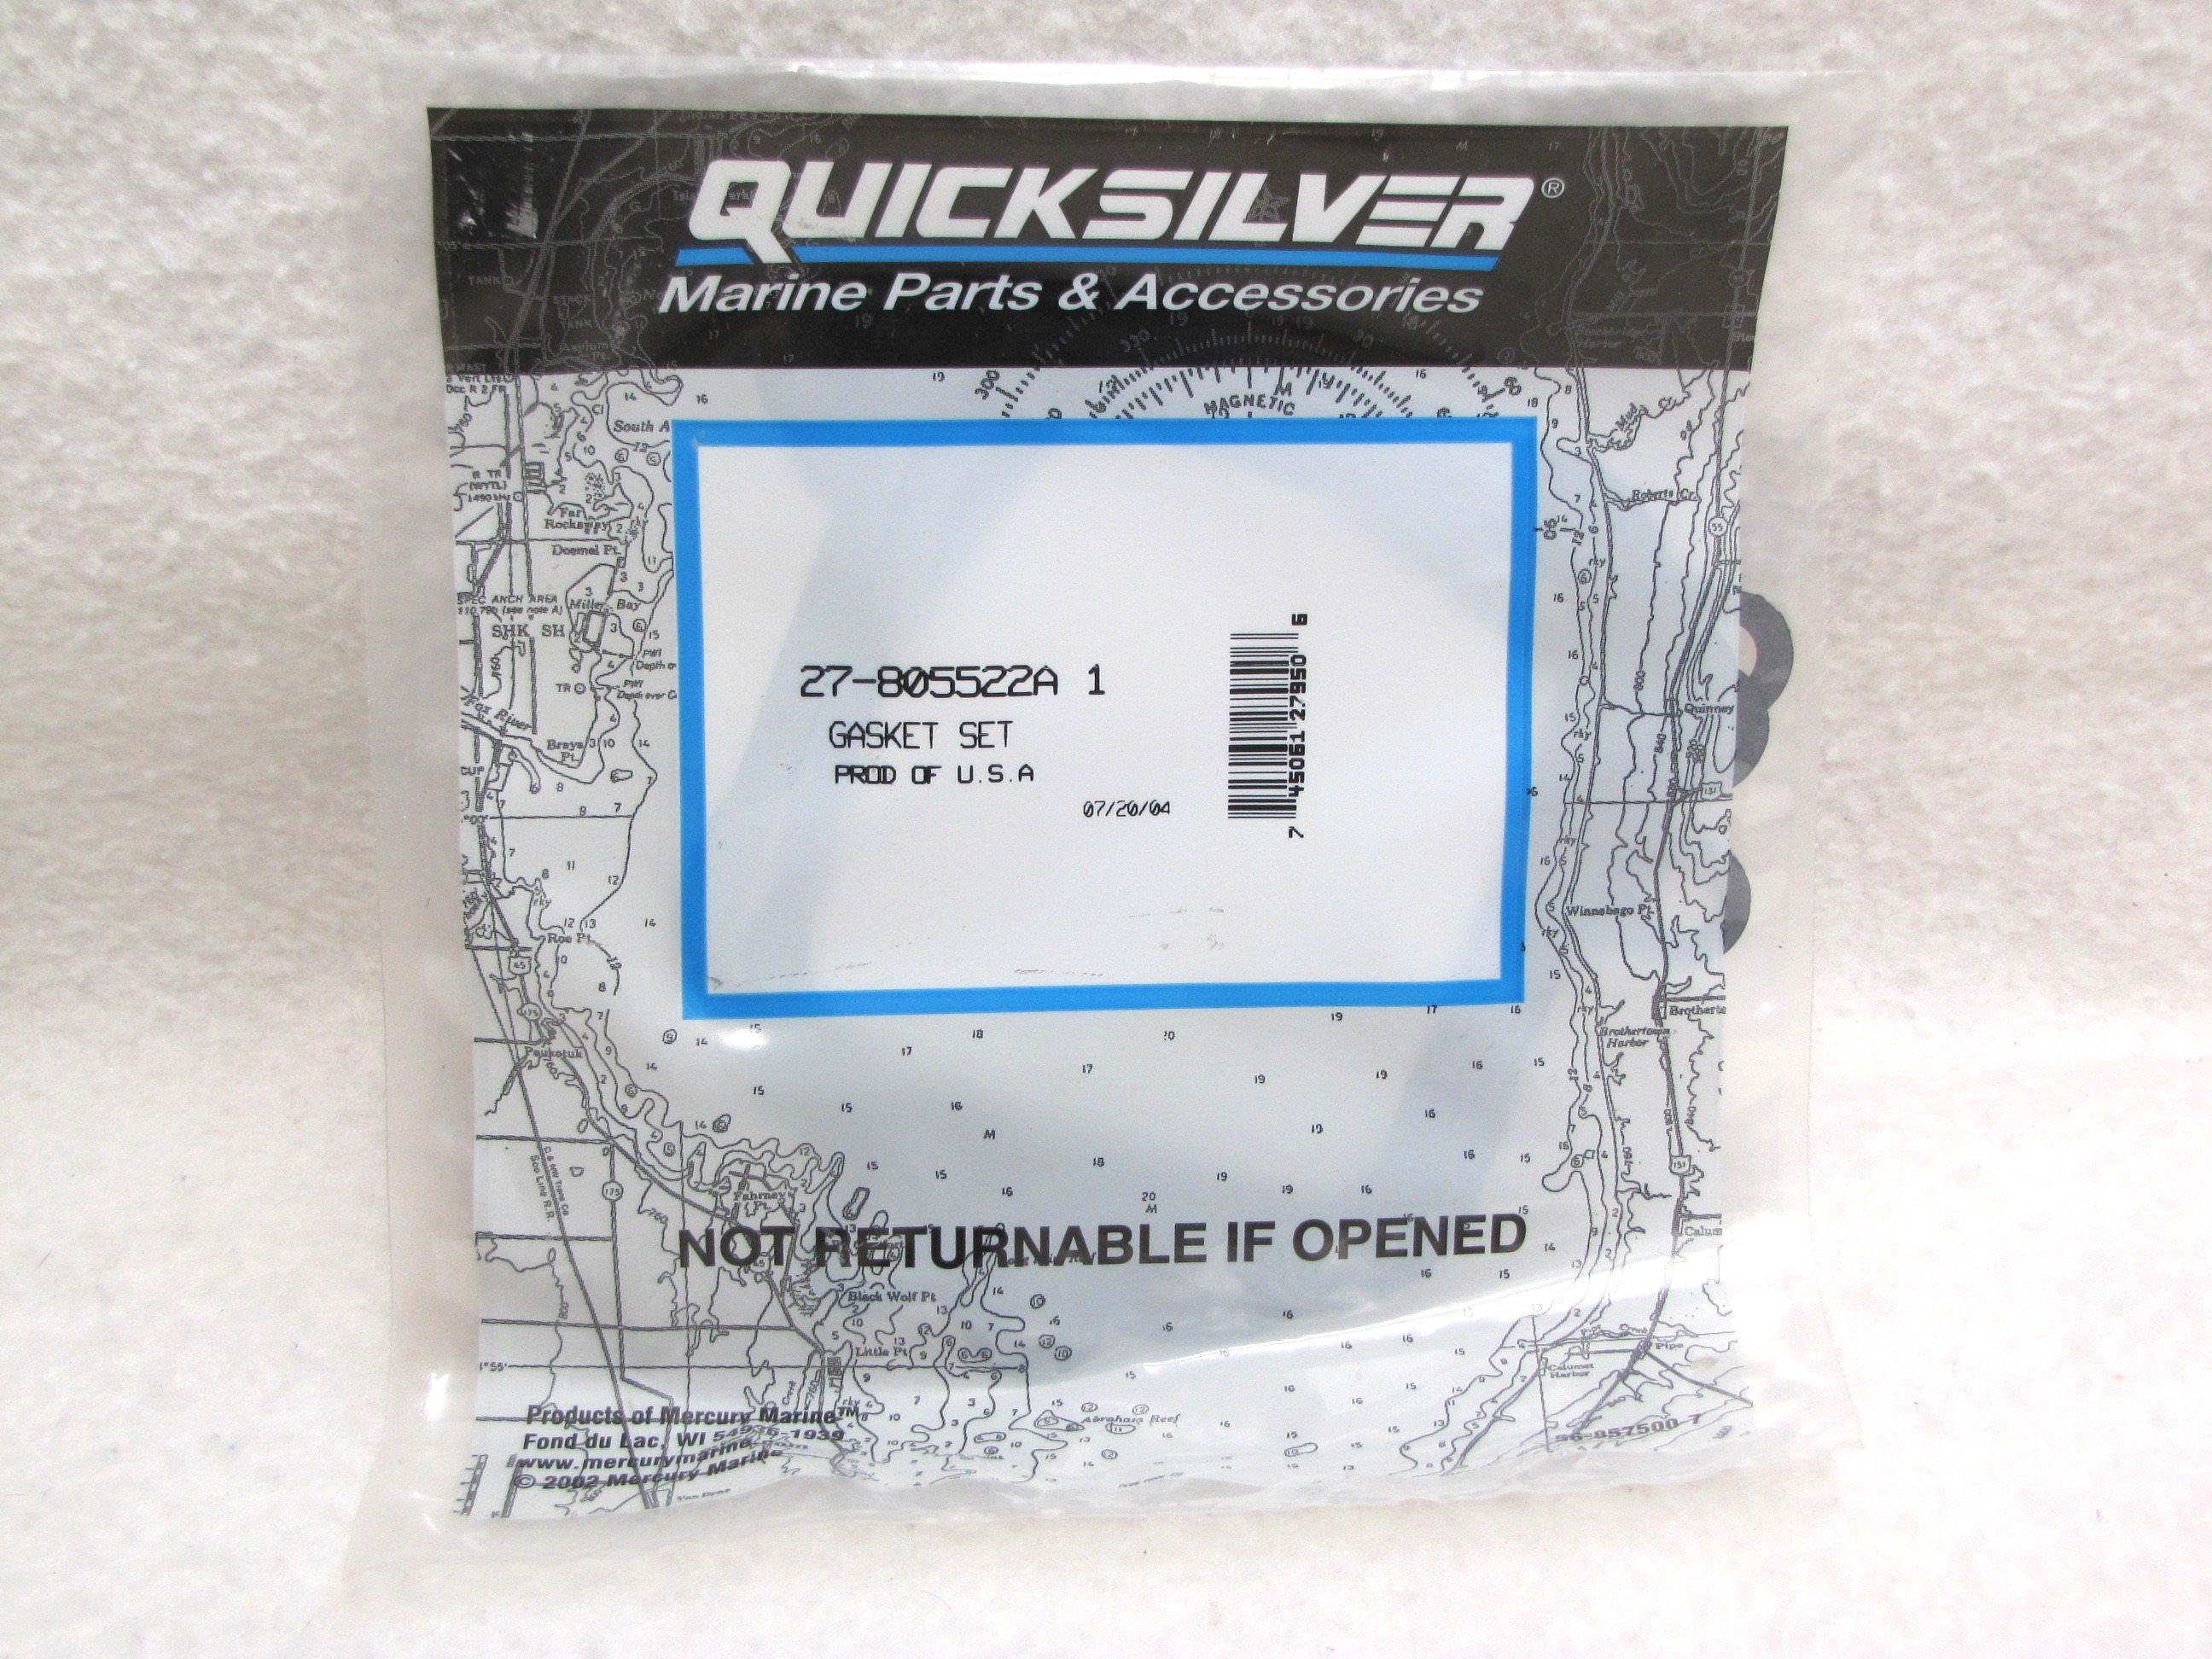 New Mercury Mercruiser Quicksilver OEM Part # 27-805522A 1 GASKET SET